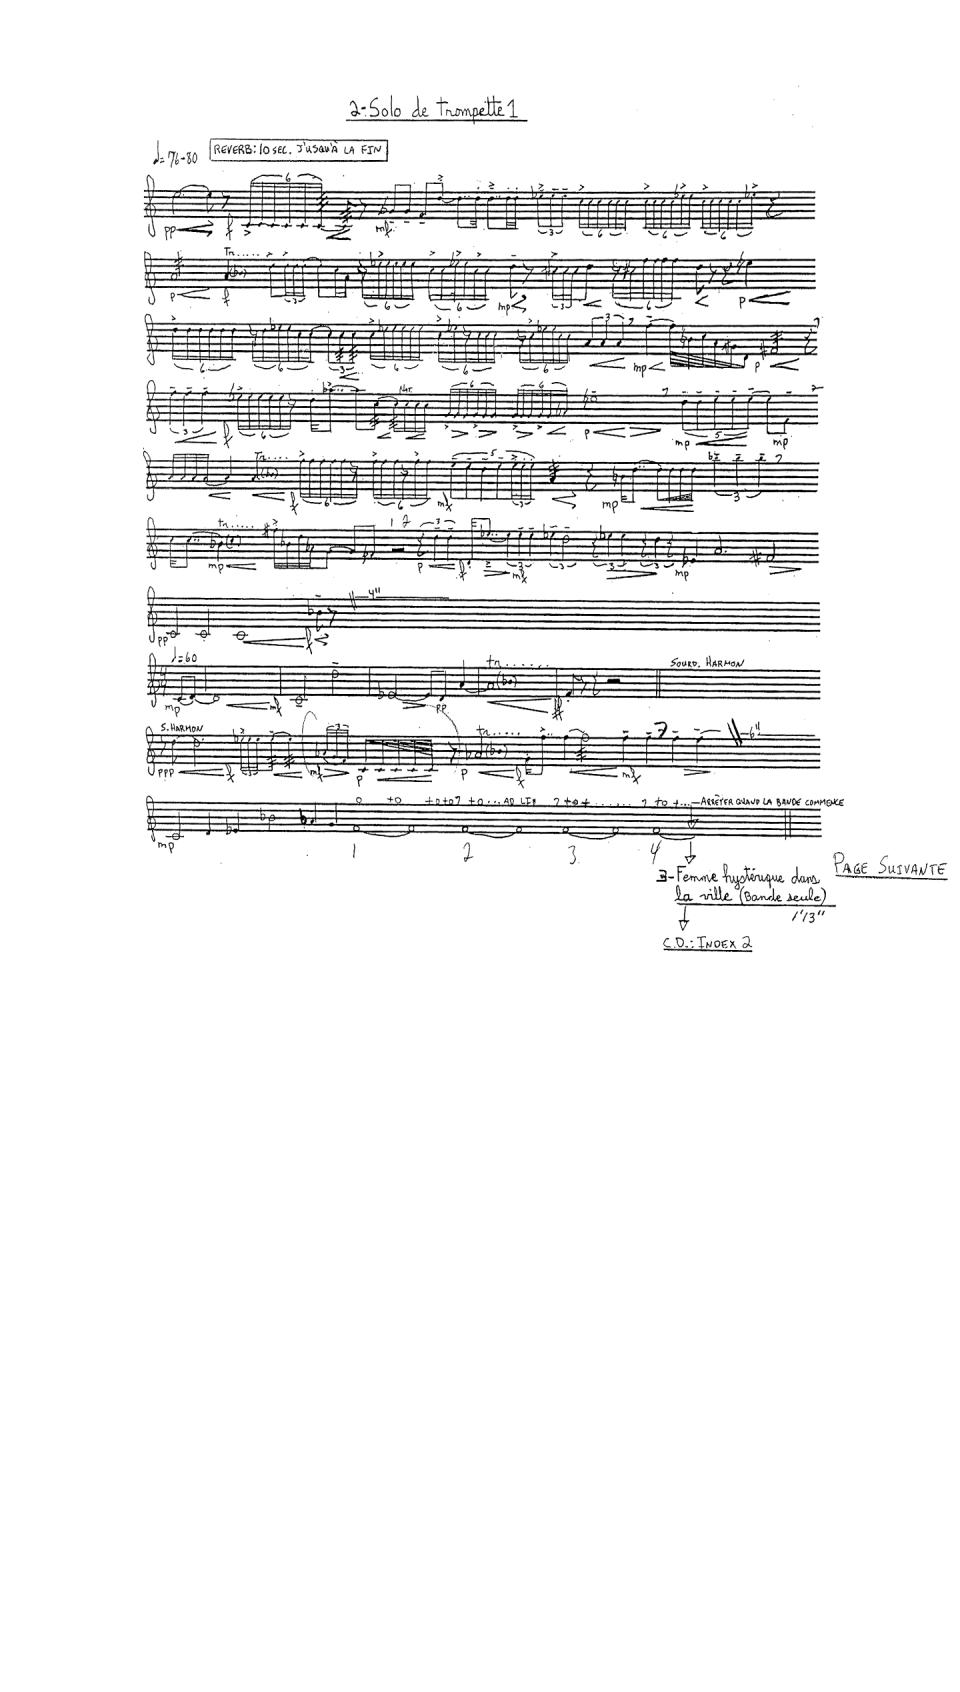 Solo de trompette 1